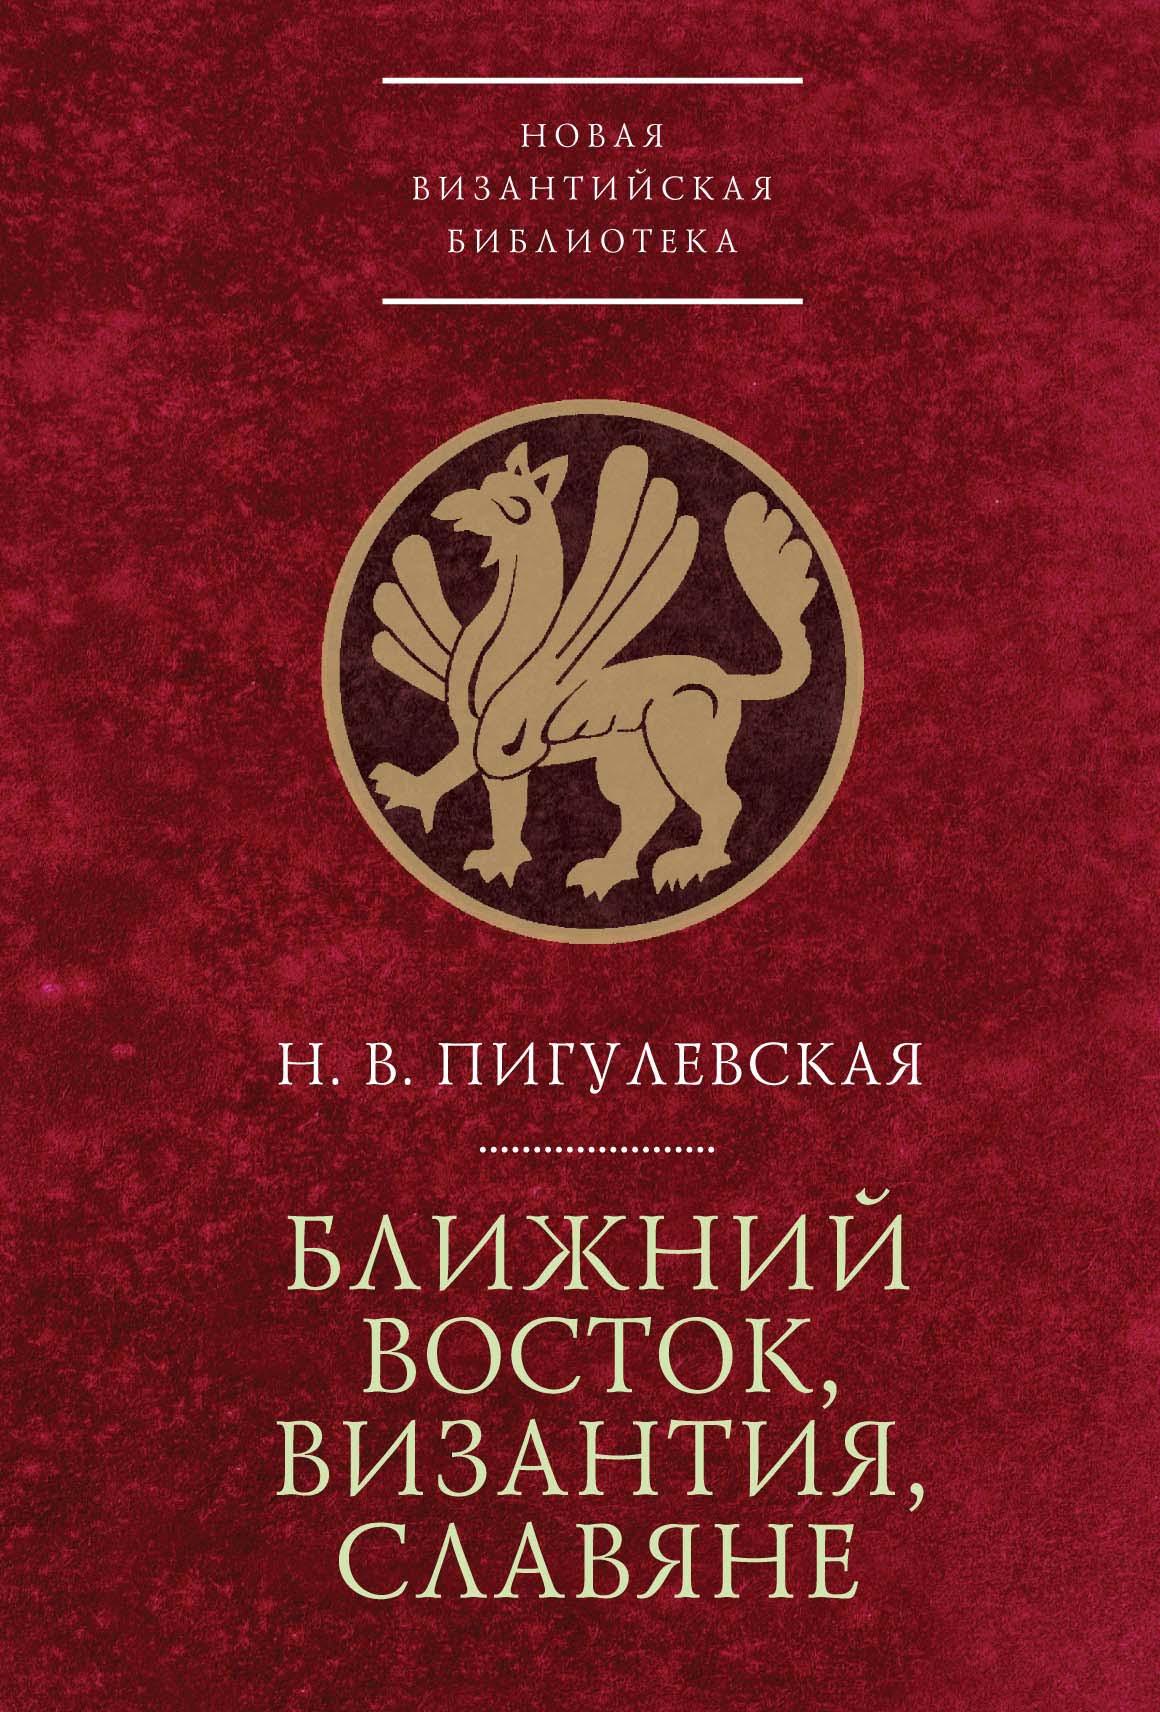 Н. В. Пигулевская Ближний Восток, Византия, славяне цена и фото